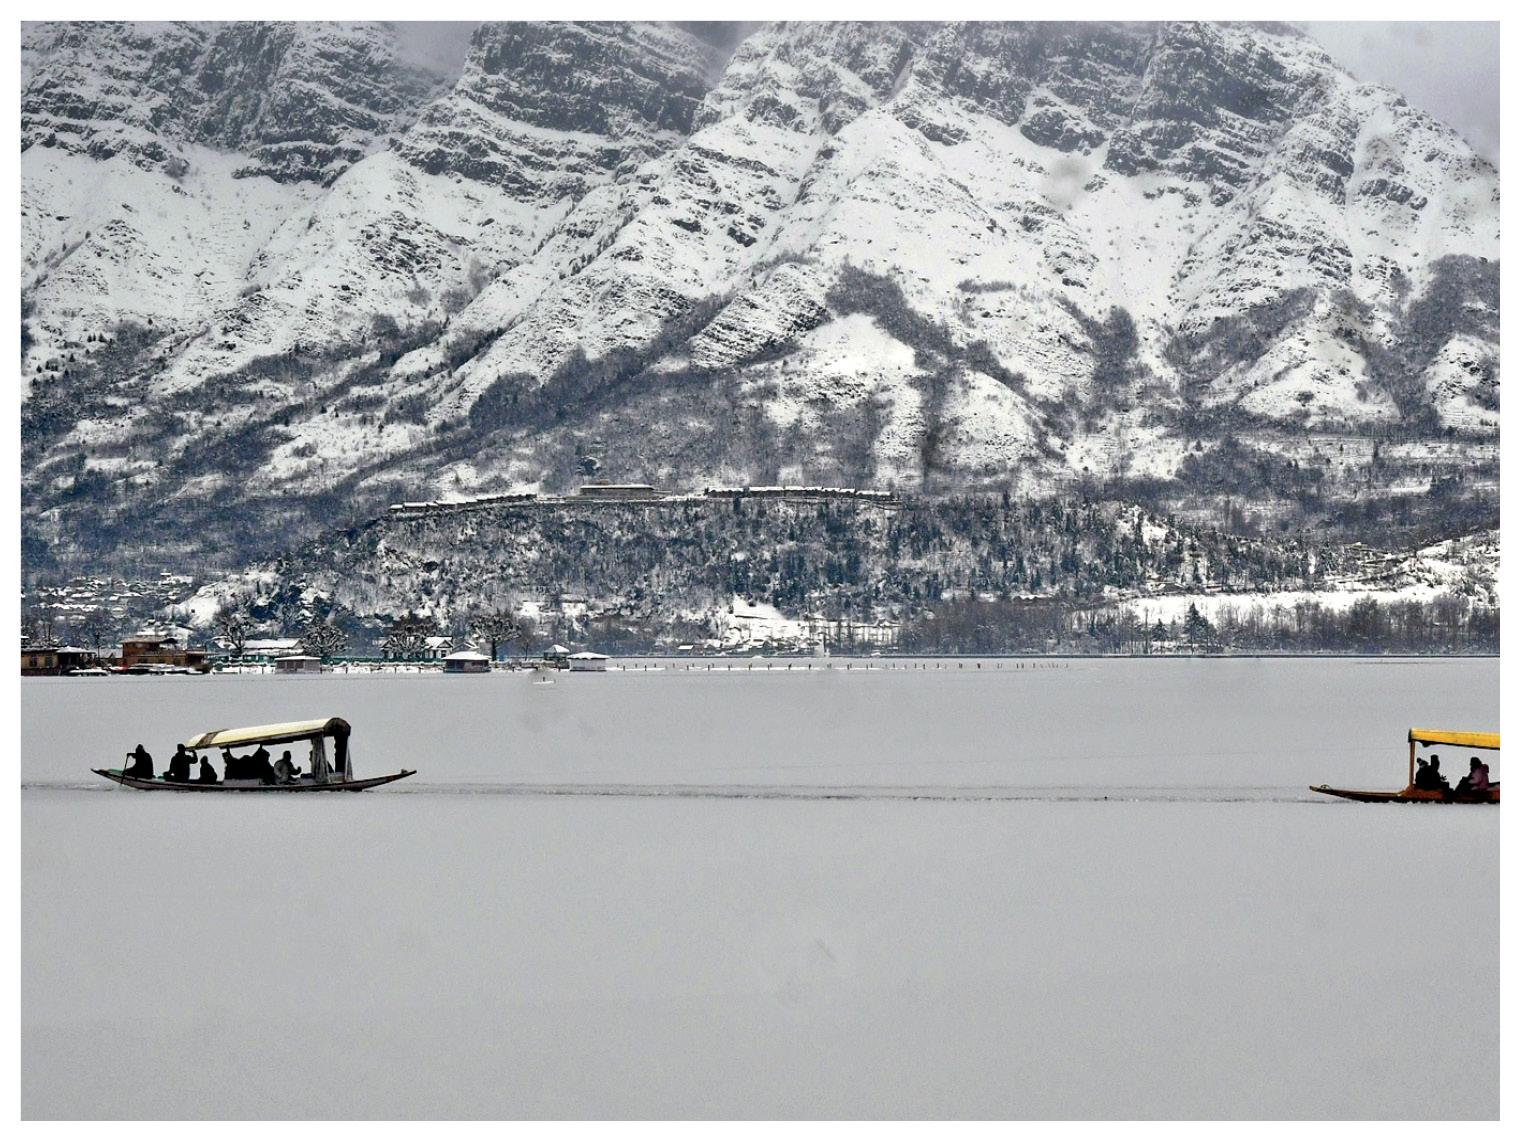 श्रीनगर में झील जम गई।